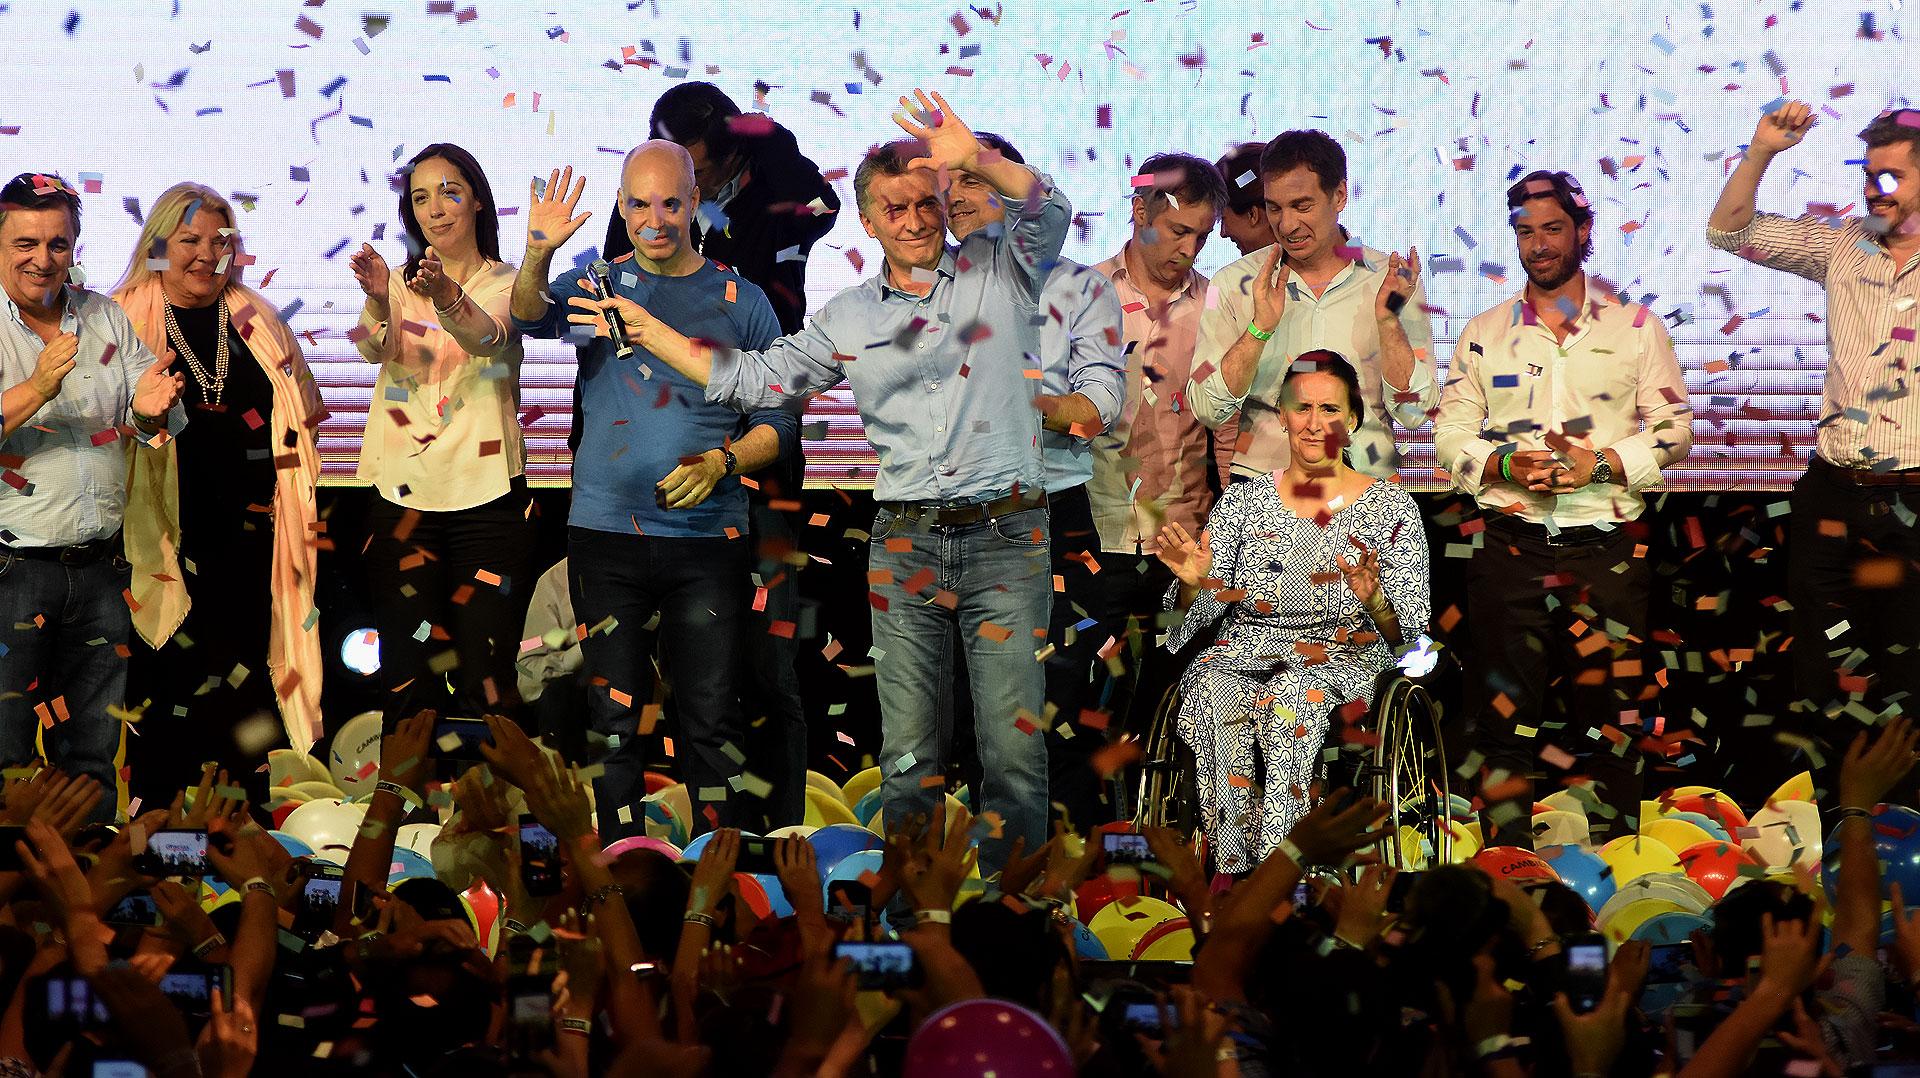 Cambiemos no tuvo problemas en revalidar el respaldo del electorado en las elecciones legislativas que se realizaron el 22 de octubre. Mejoraron la perfomance en todos los distritos del país y, sobre todo, le ganaron a Cristina Kirchner en la provincia de Buenos Aires.